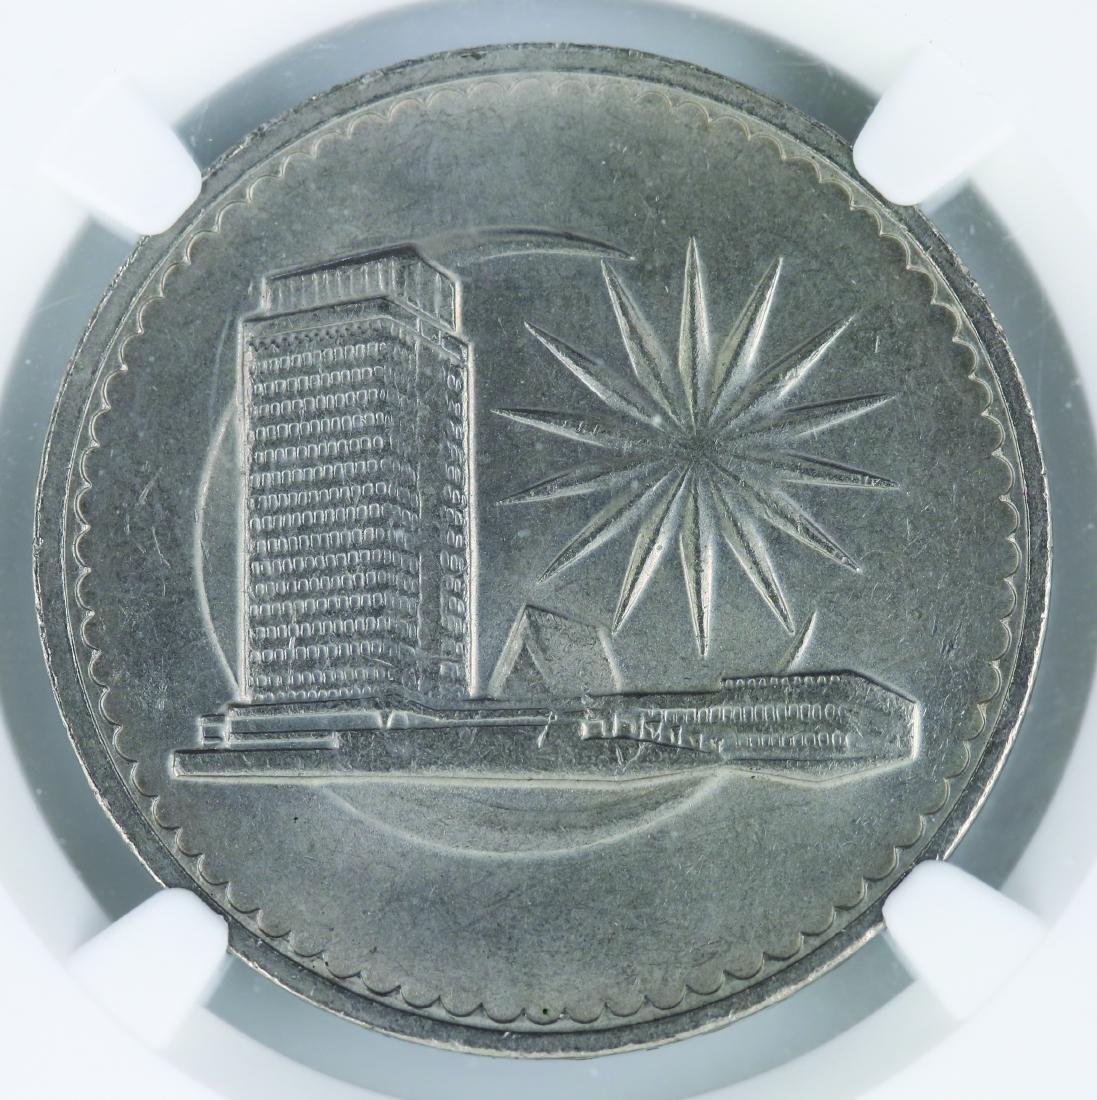 Malaysia 1985, RM1 NGC MS 65